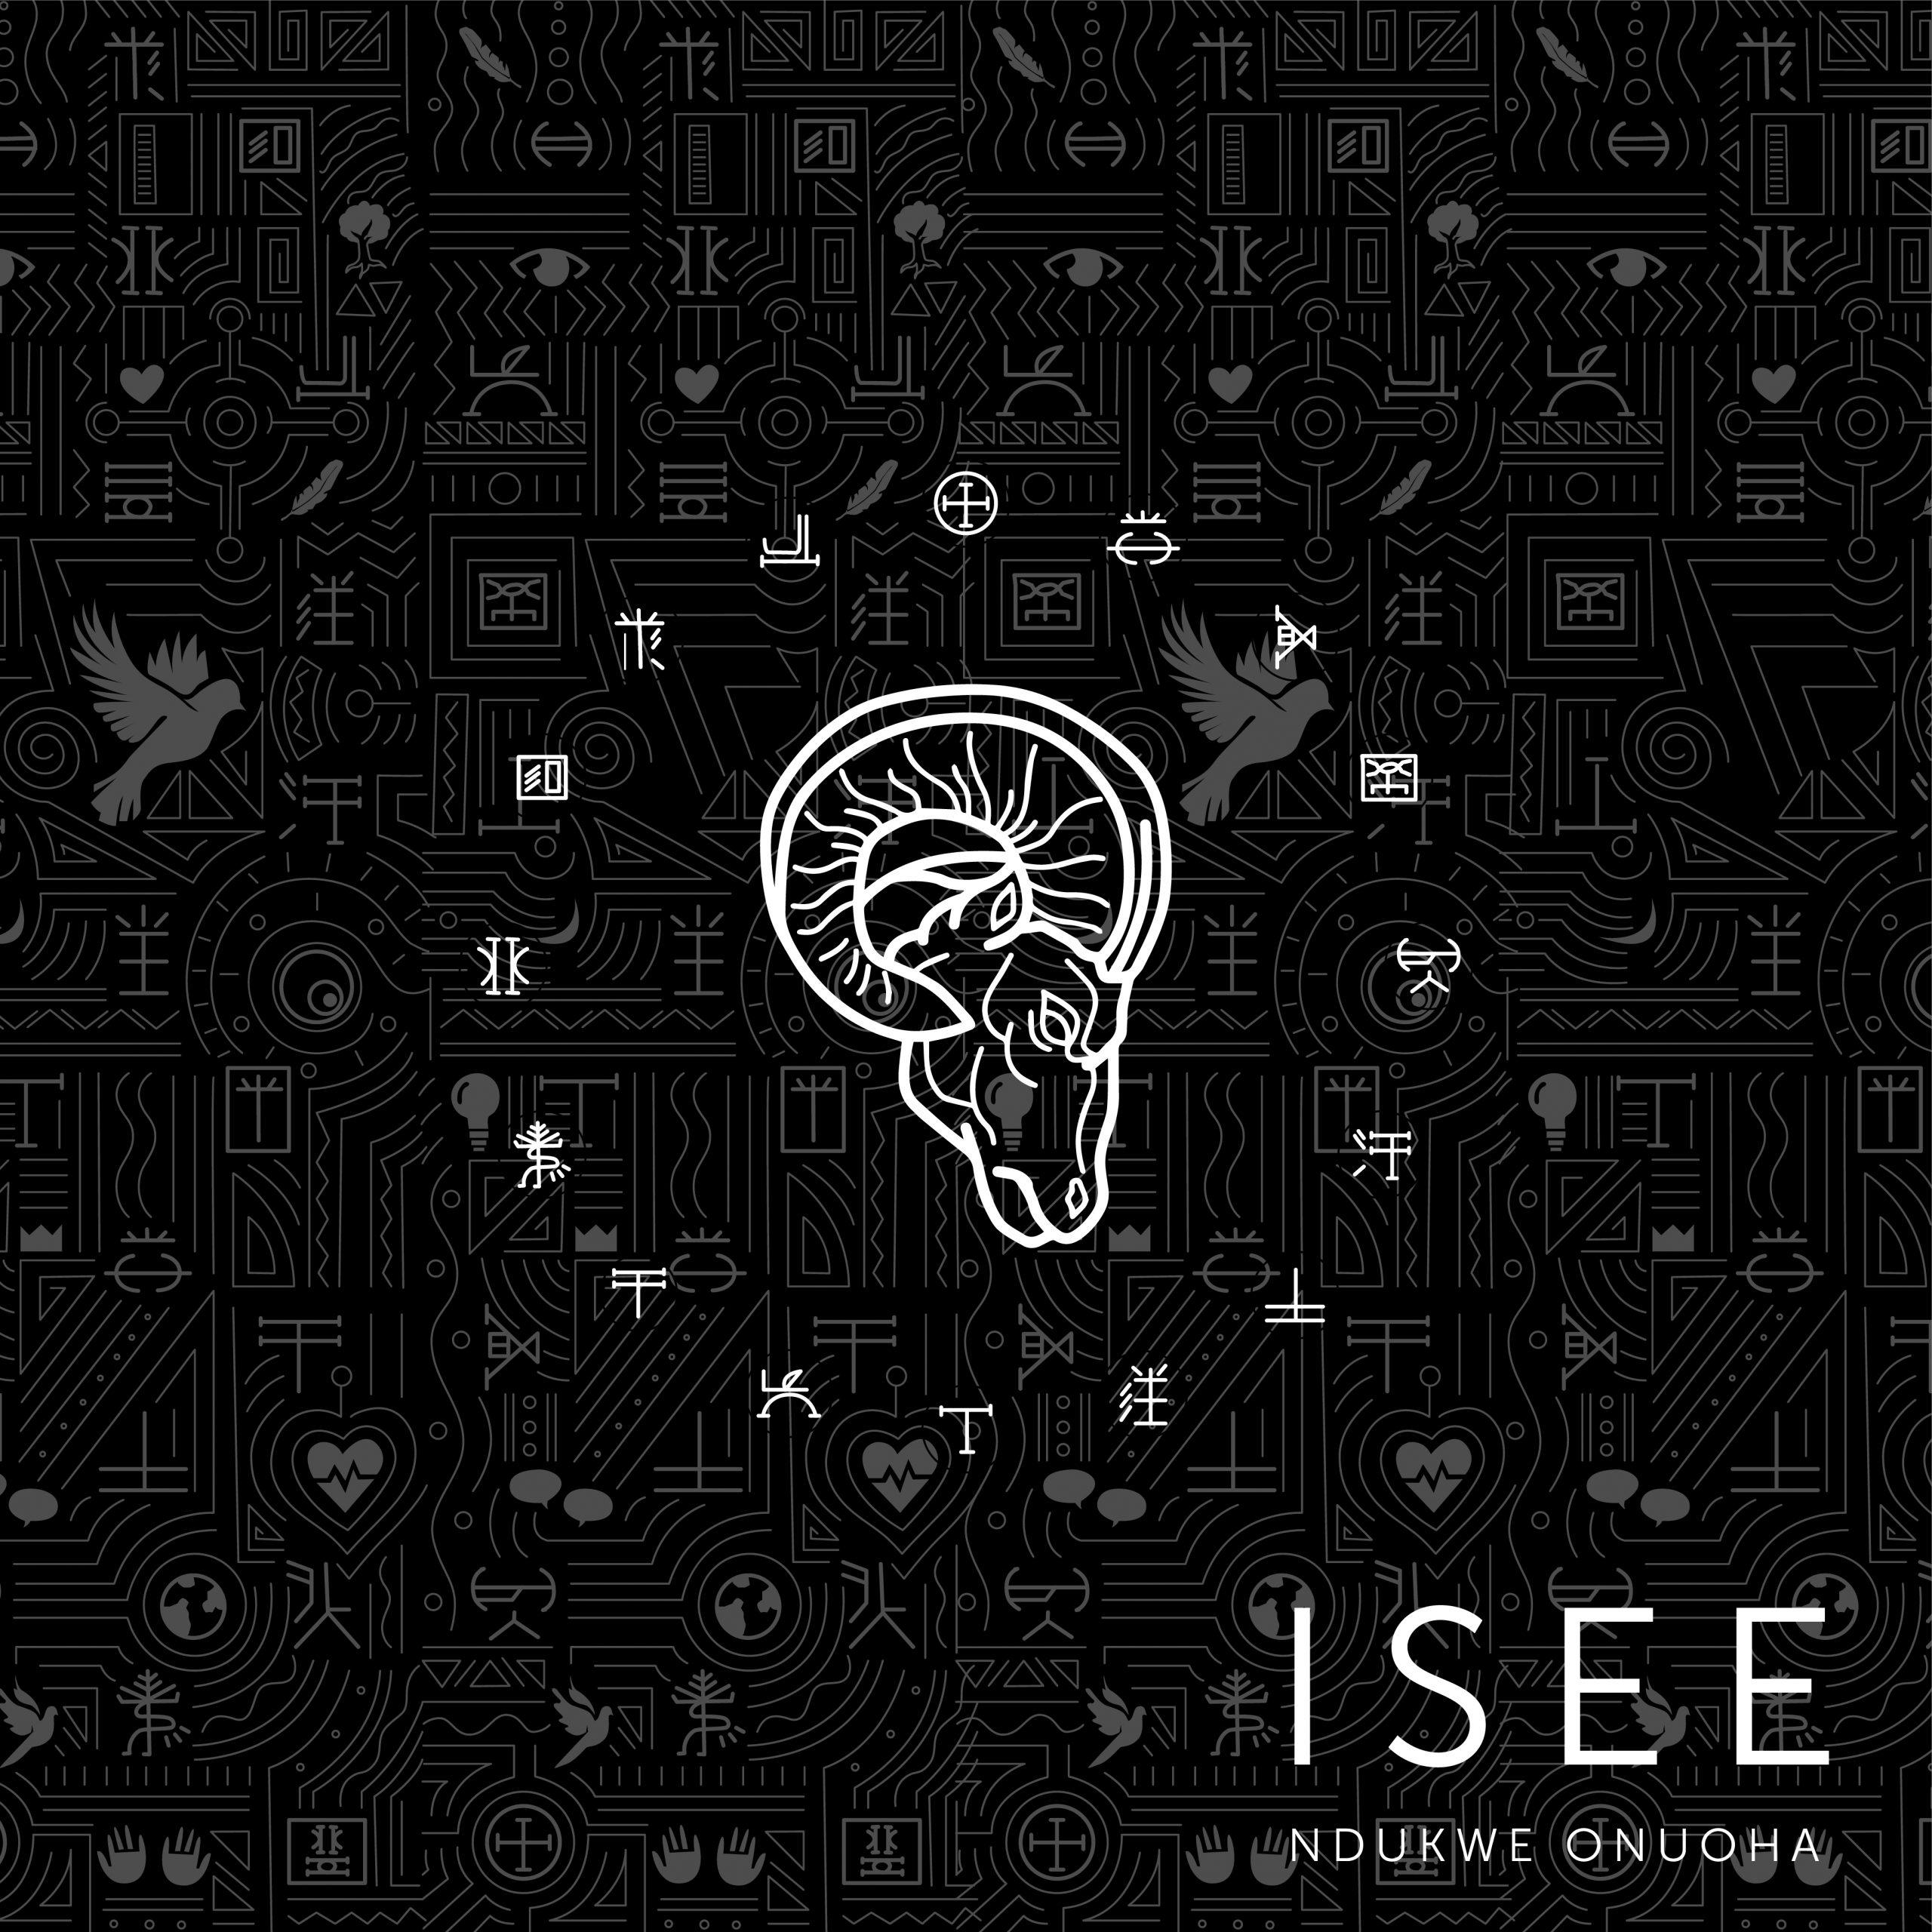 Isee by Ndukwe Onuoha